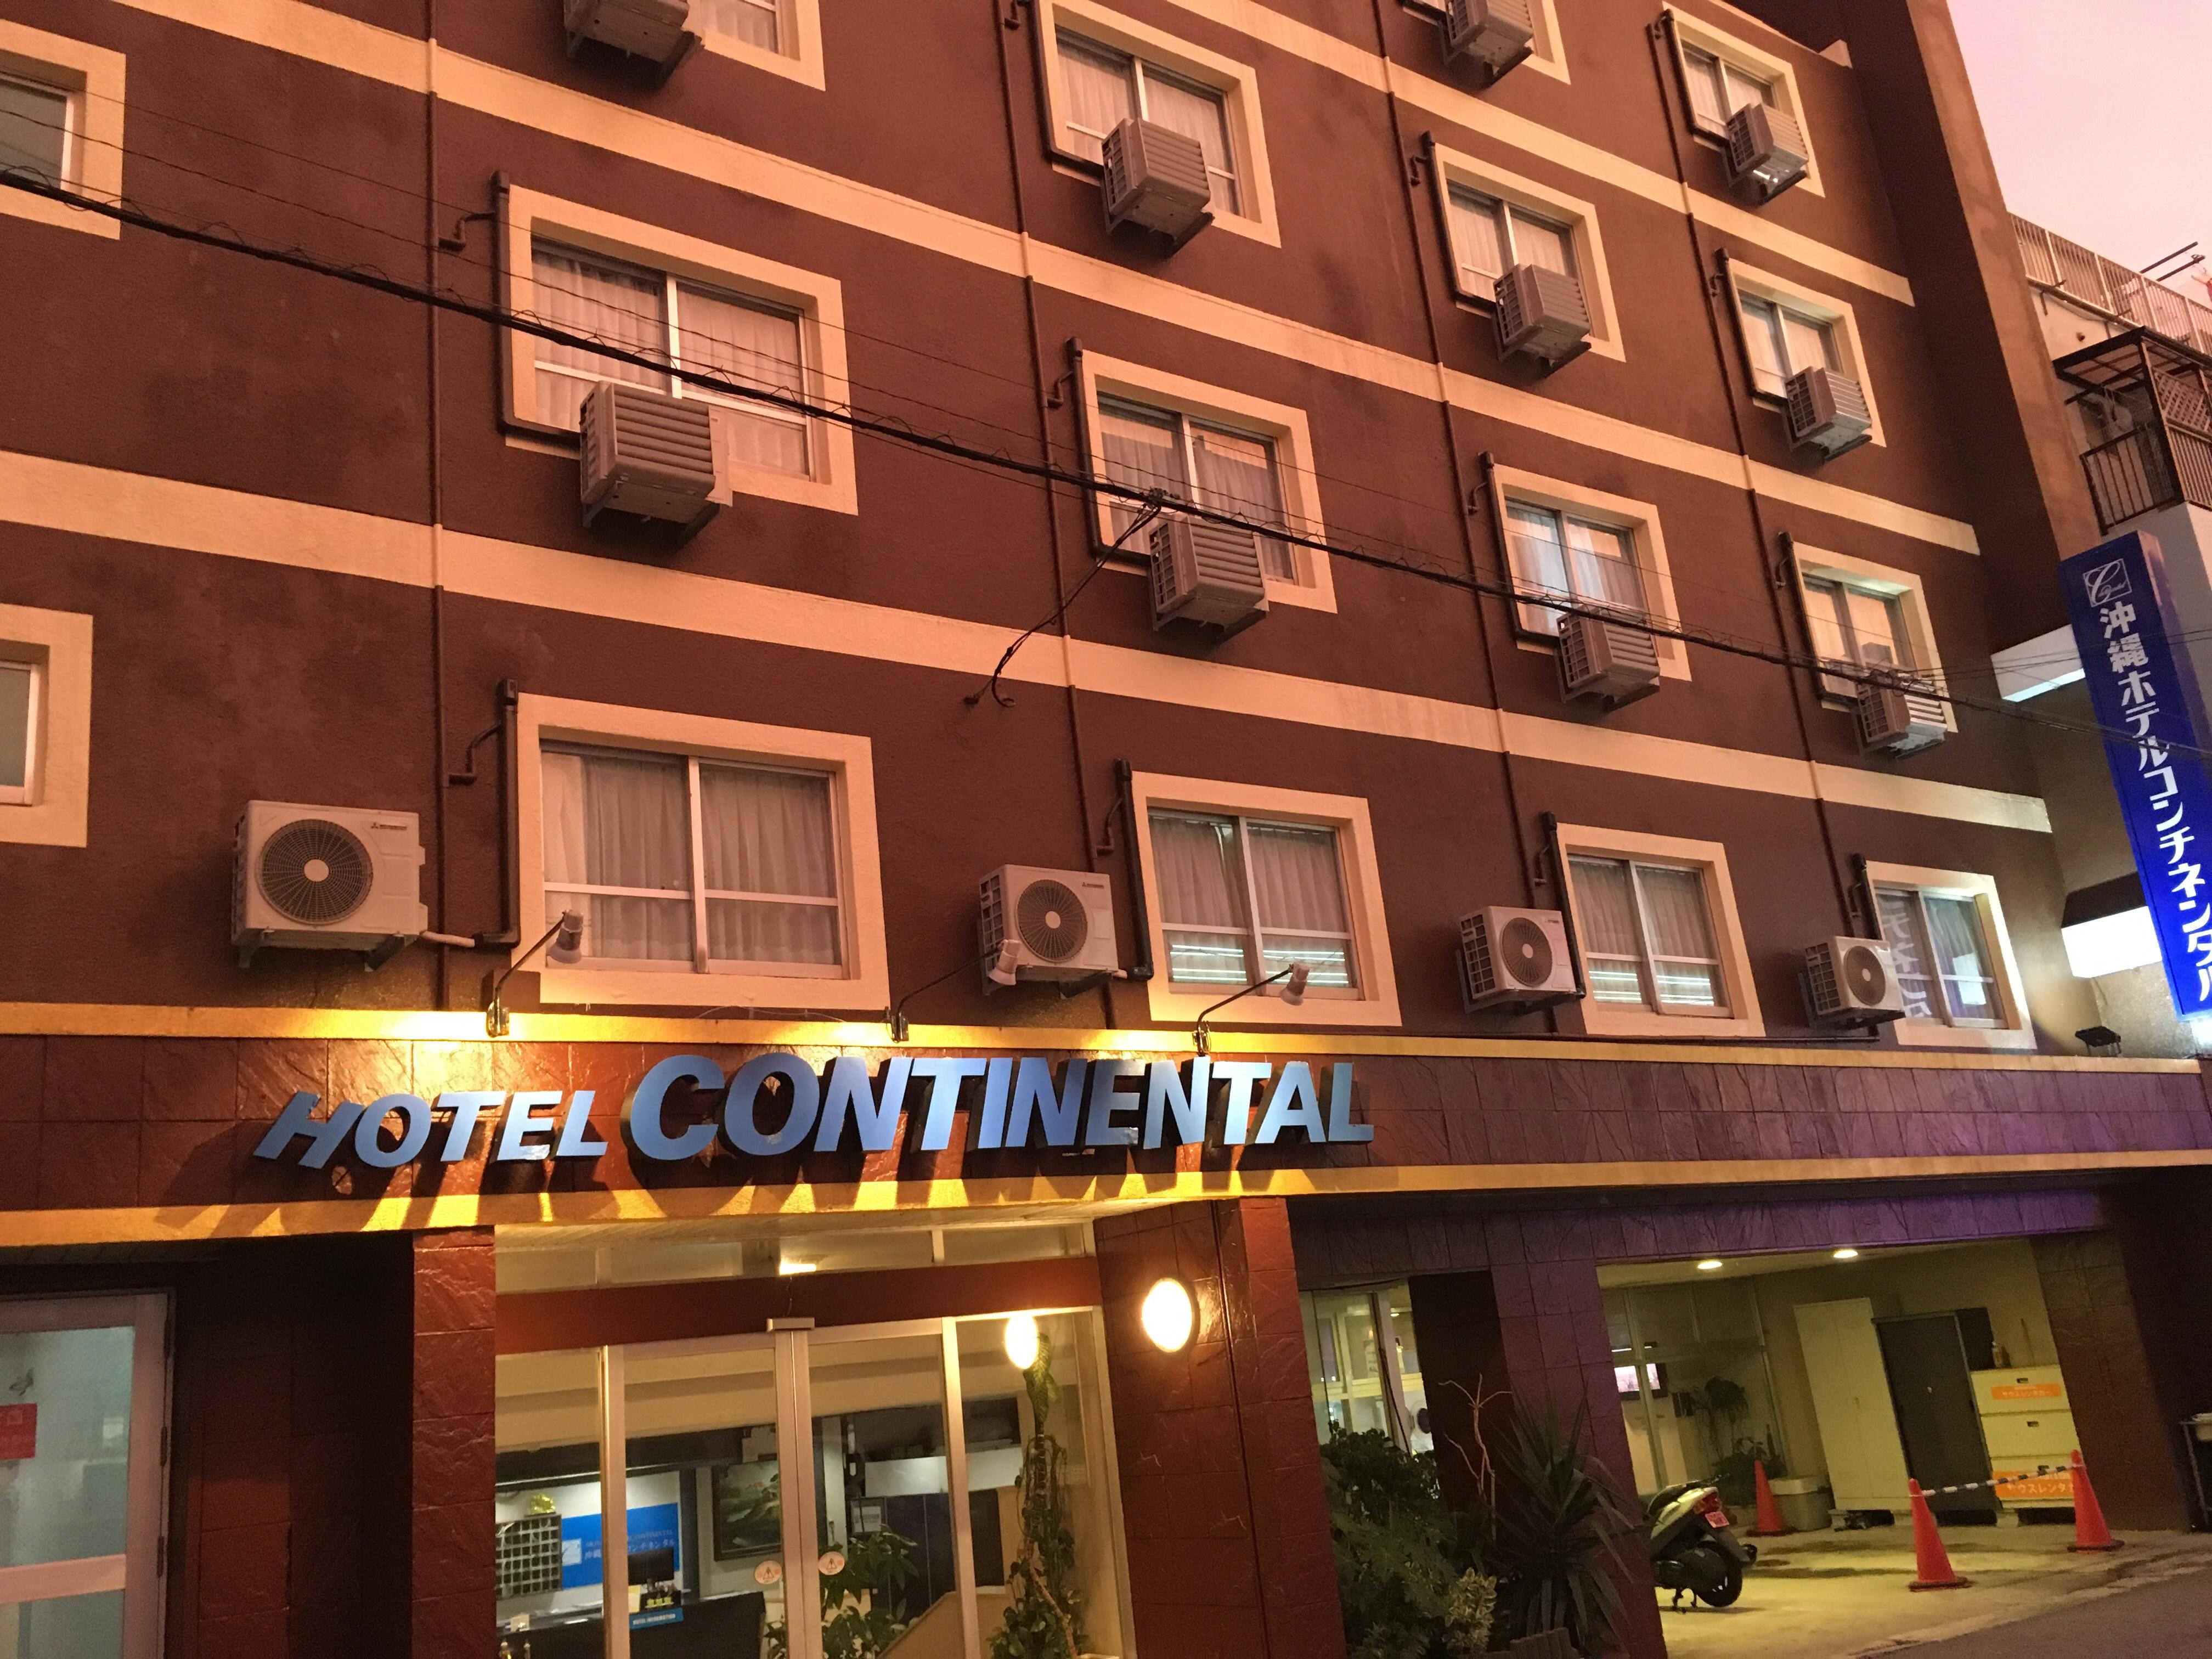 沖縄ホテルコンチネンタル...